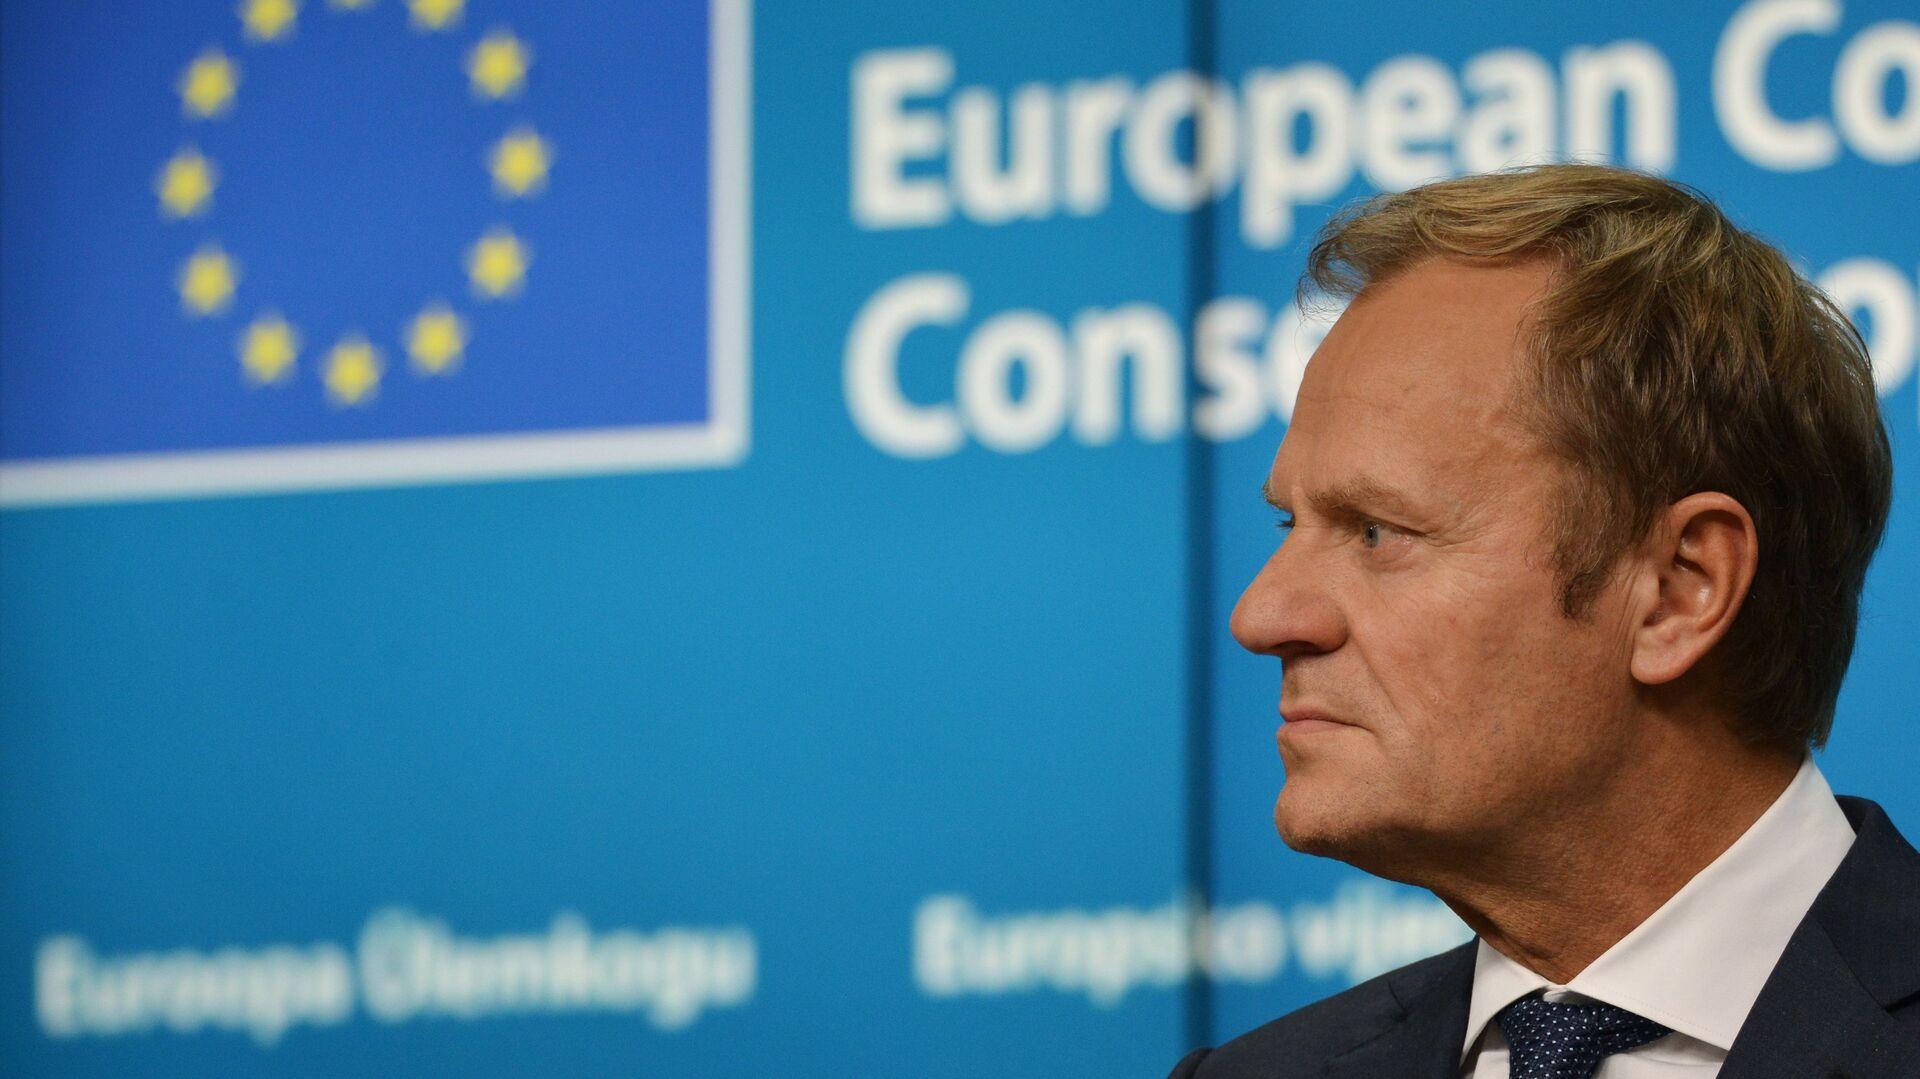 Председатель Европейского совета Дональд Туск на саммите Европейского Союза в Брюсселе - Sputnik Латвия, 1920, 18.07.2021